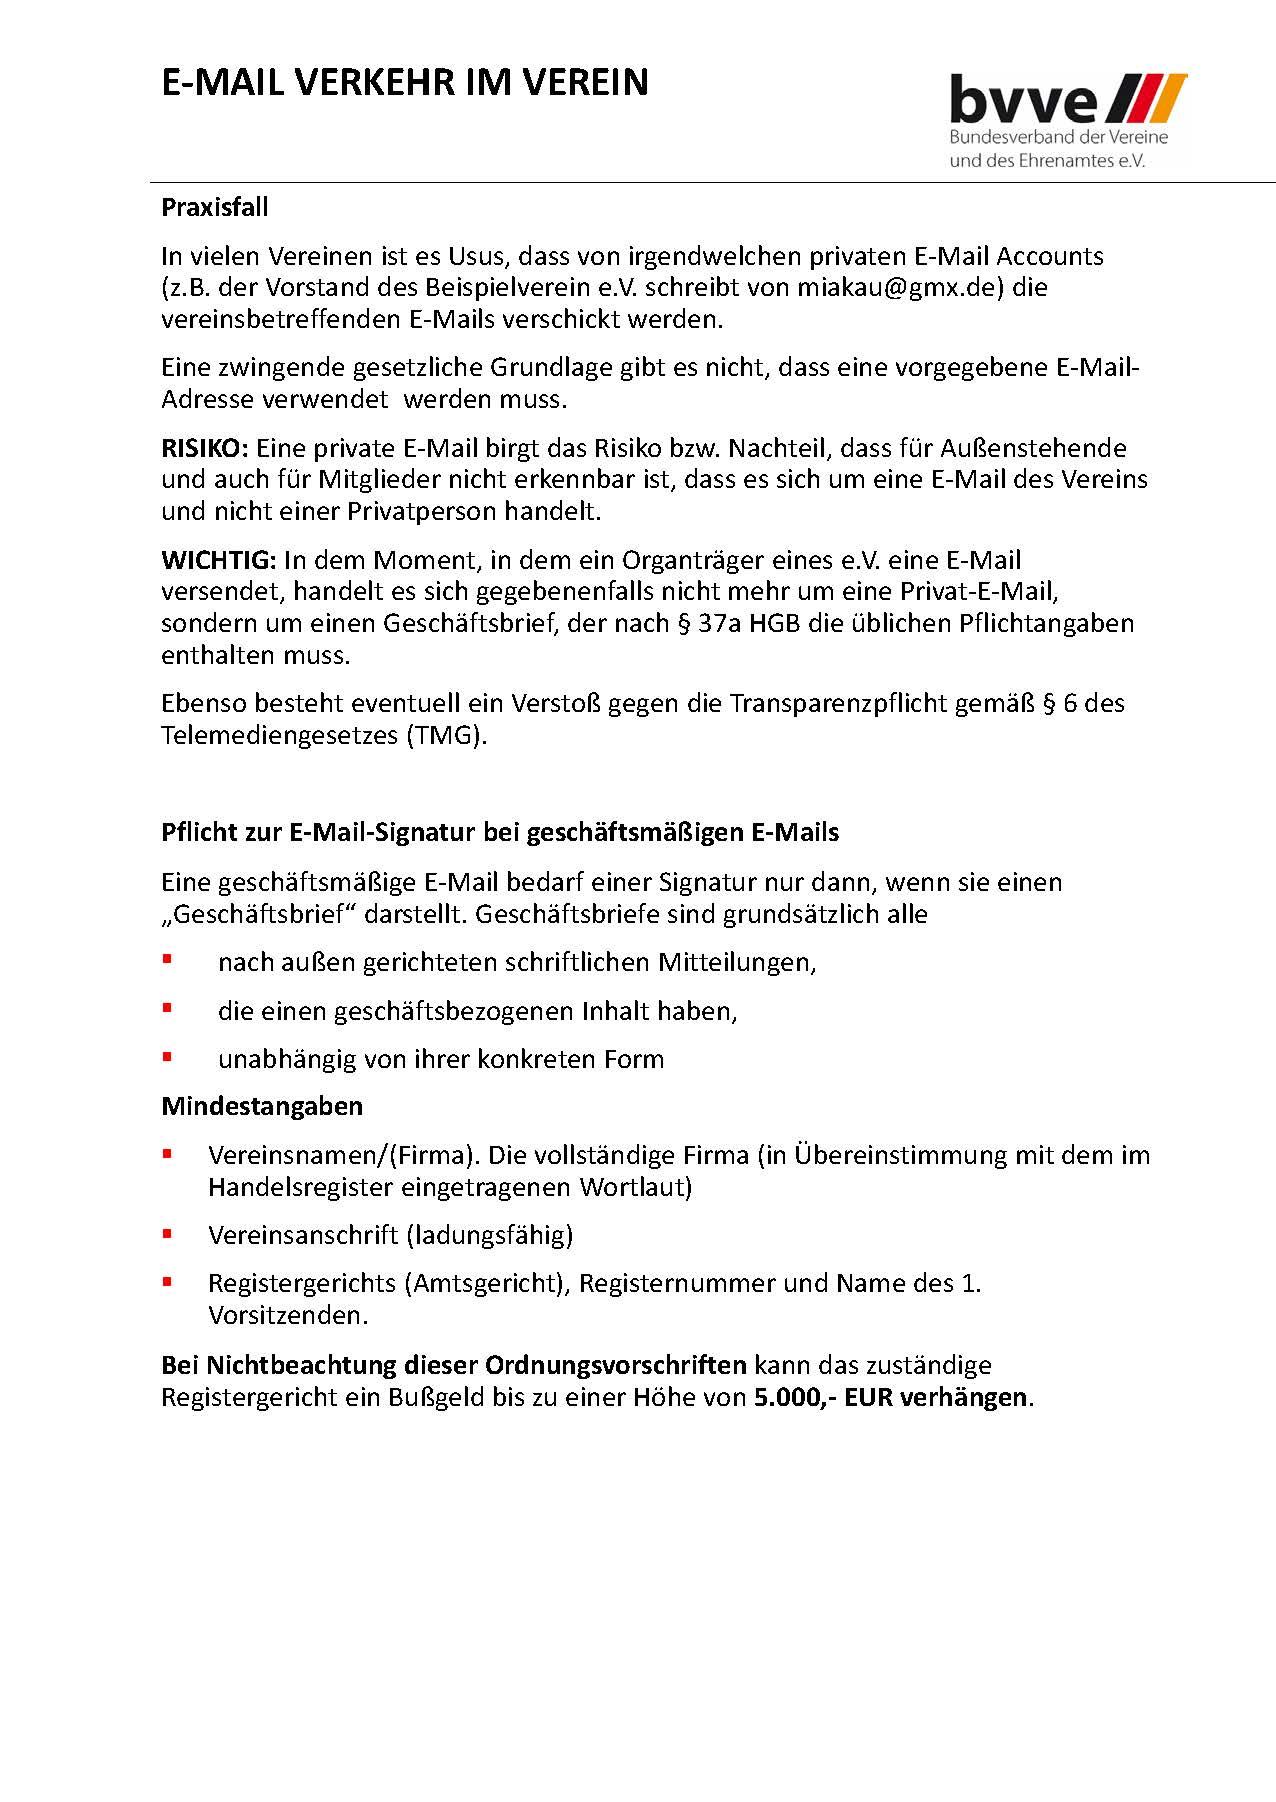 Handbuch zum Tagesseminar DSGVO bvve Auszug E-MAIL VERKEHR IM VEREIN